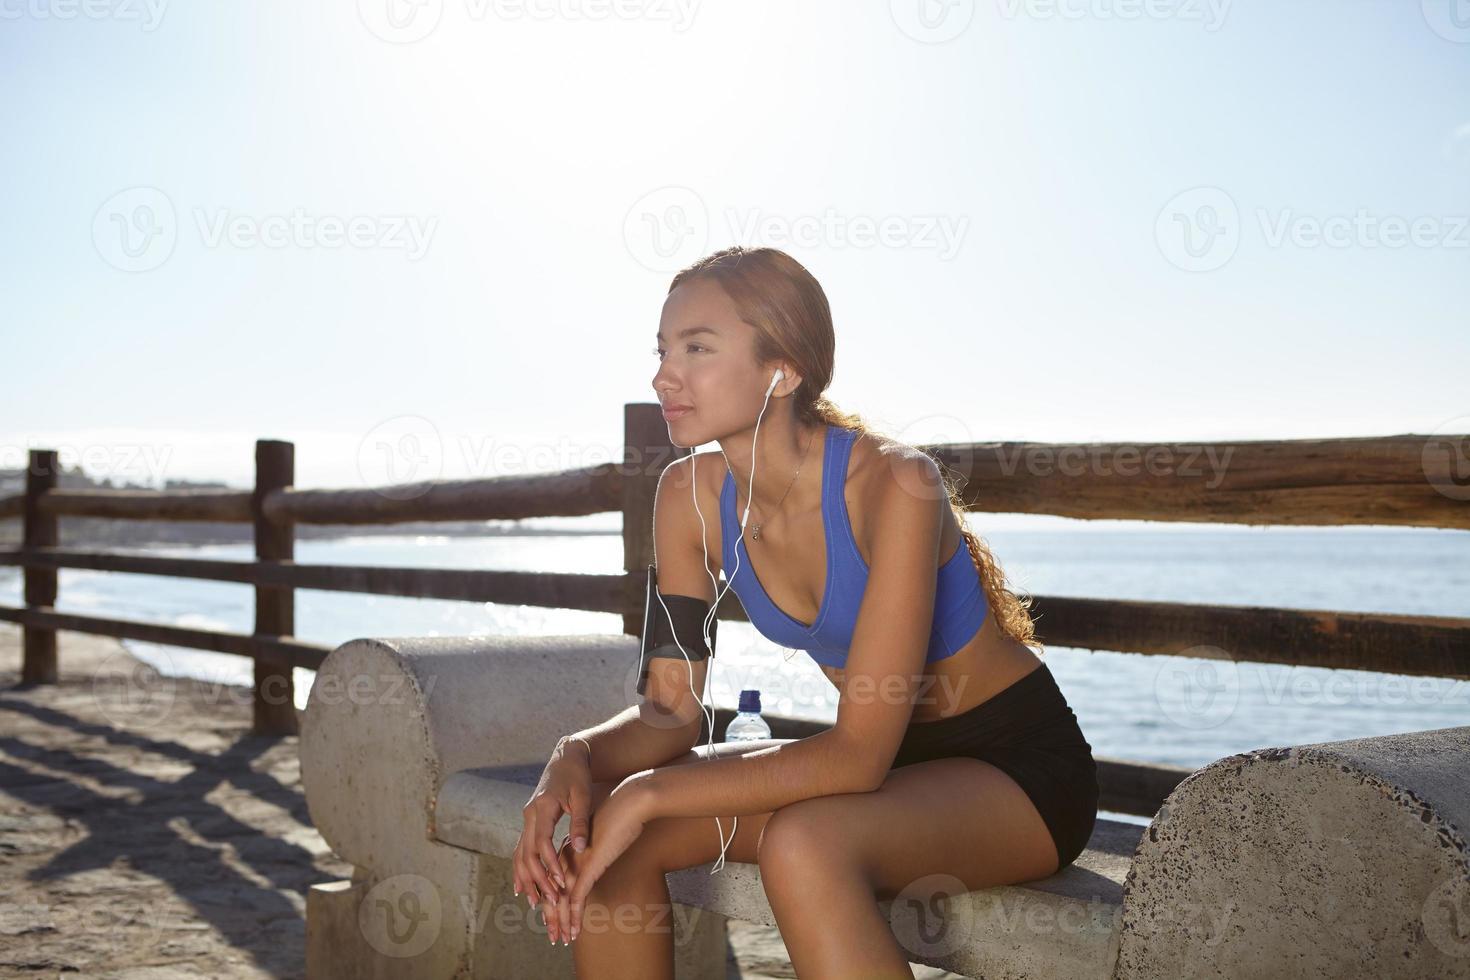 jovem atleta sentado lá fora no verão foto